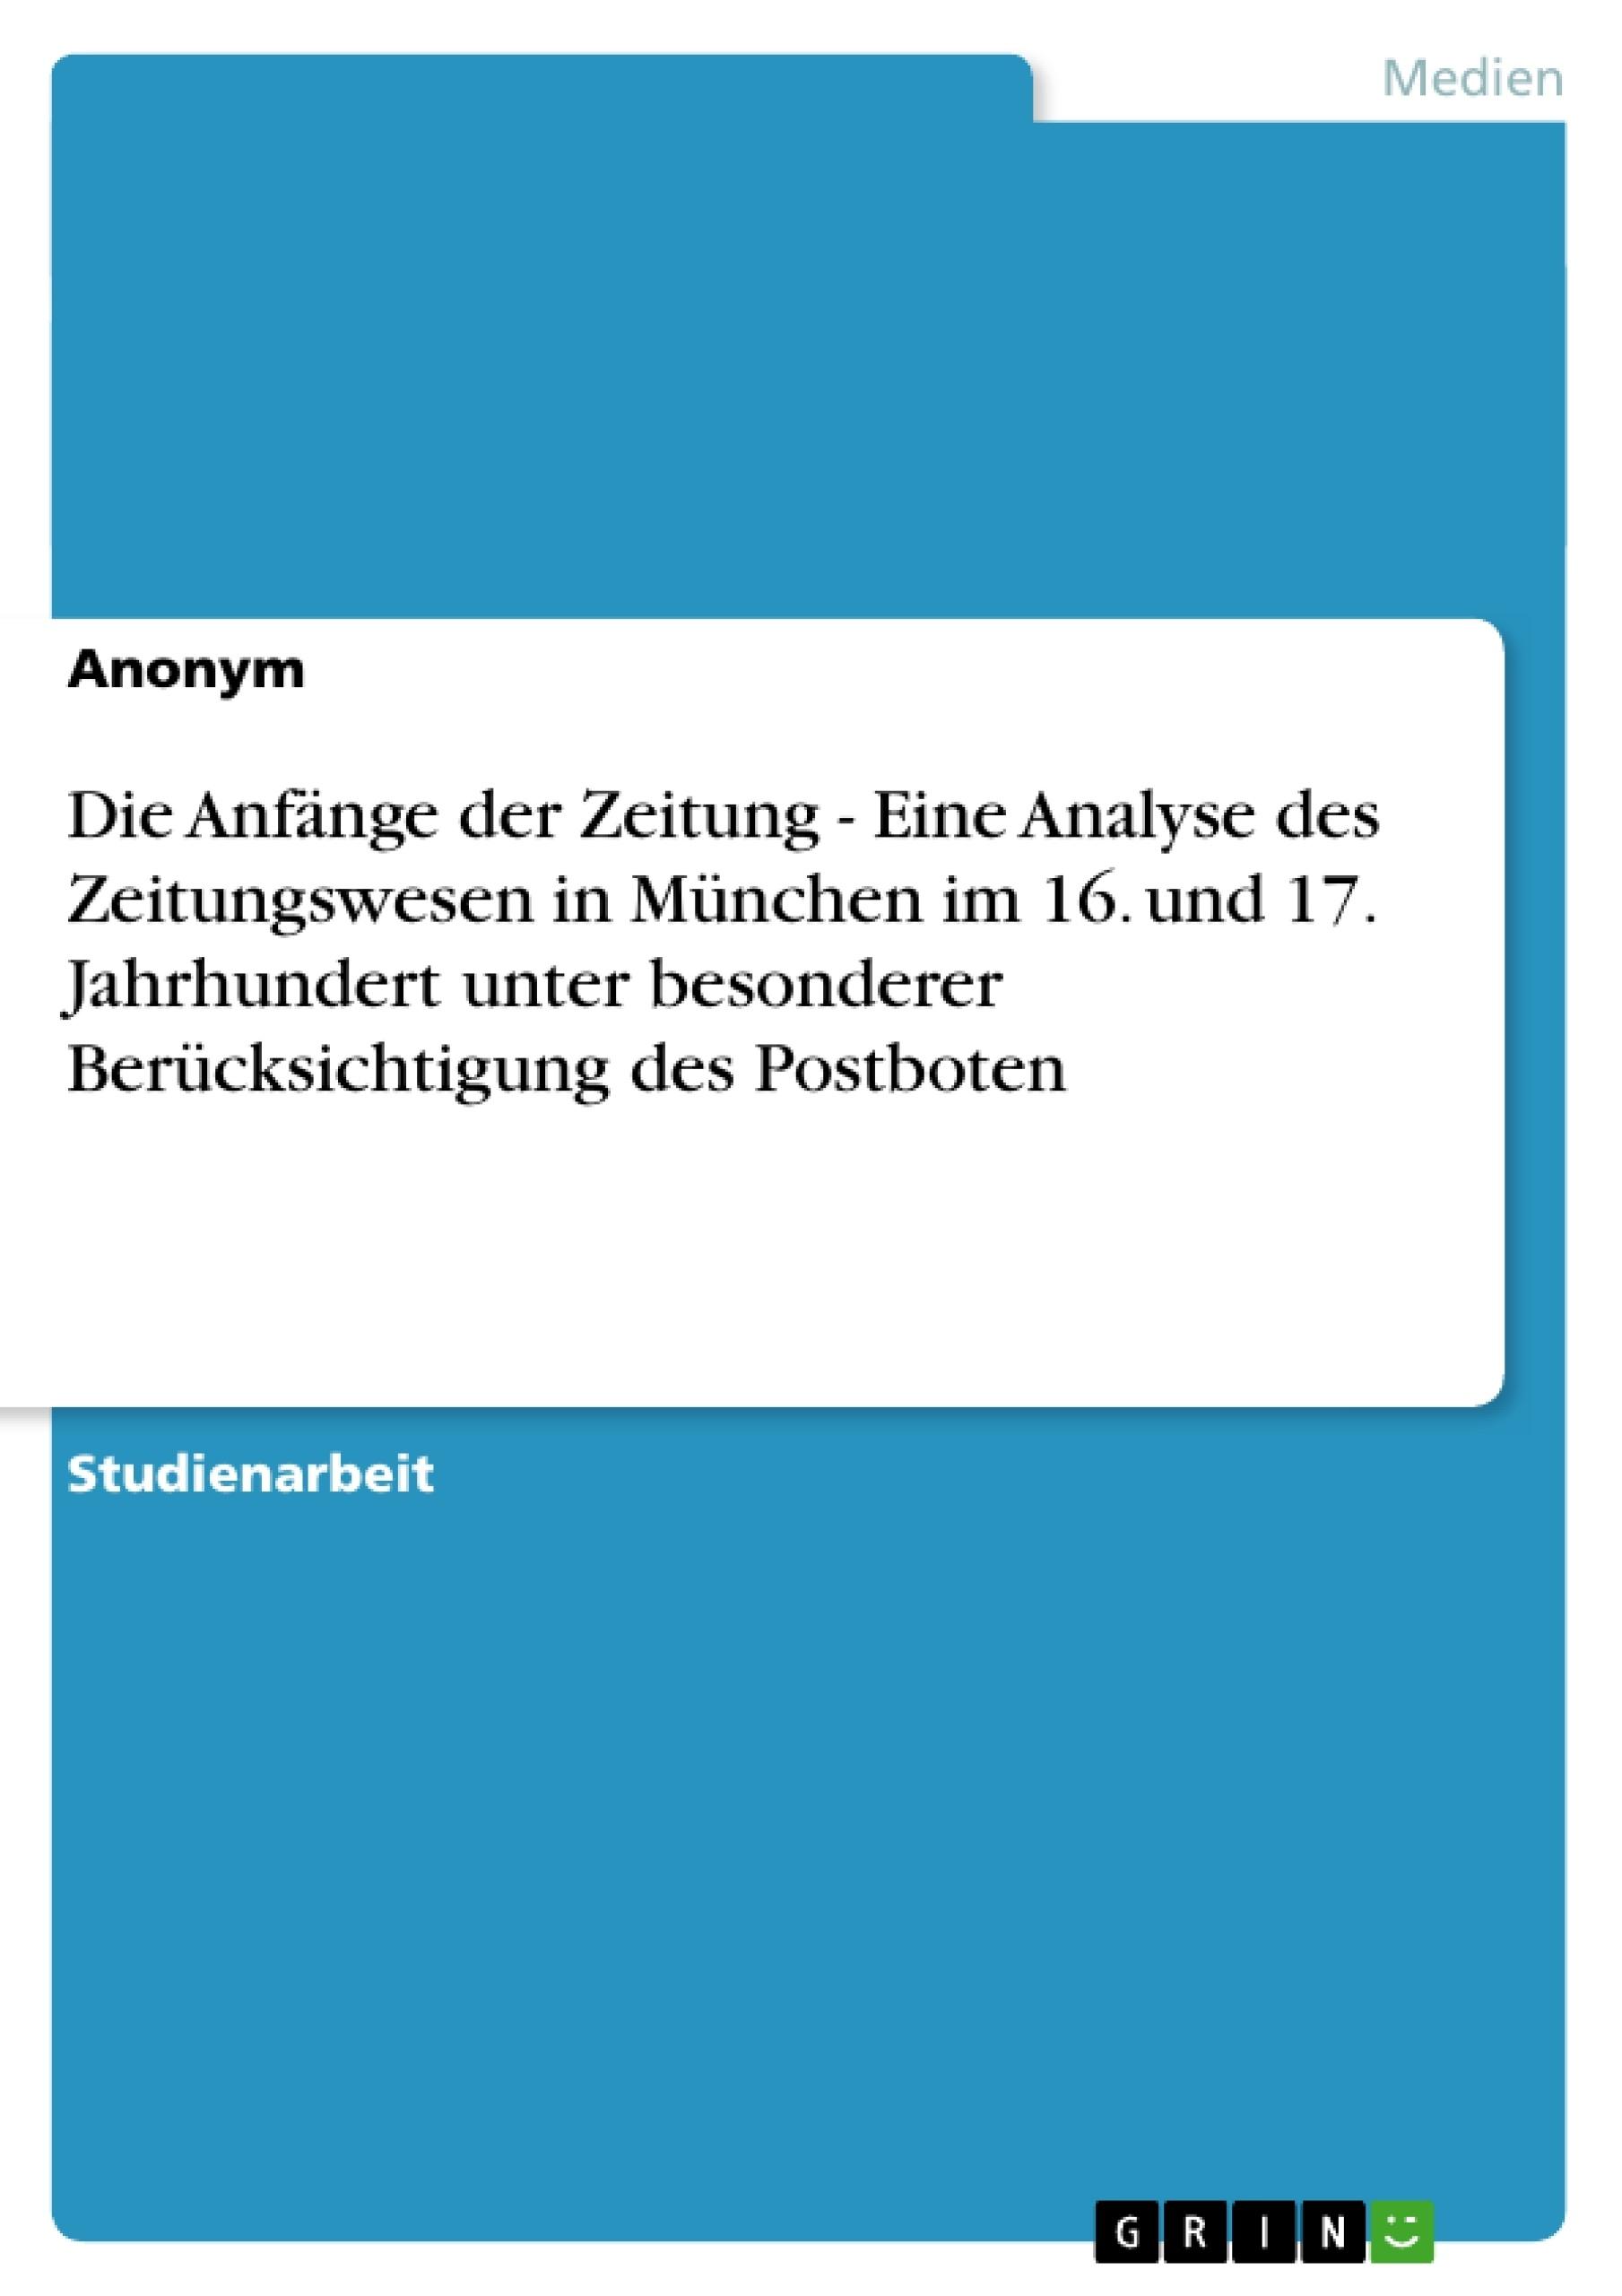 Titel: Die Anfänge der Zeitung - Eine Analyse des Zeitungswesen in München im 16. und 17. Jahrhundert unter besonderer Berücksichtigung des  Postboten